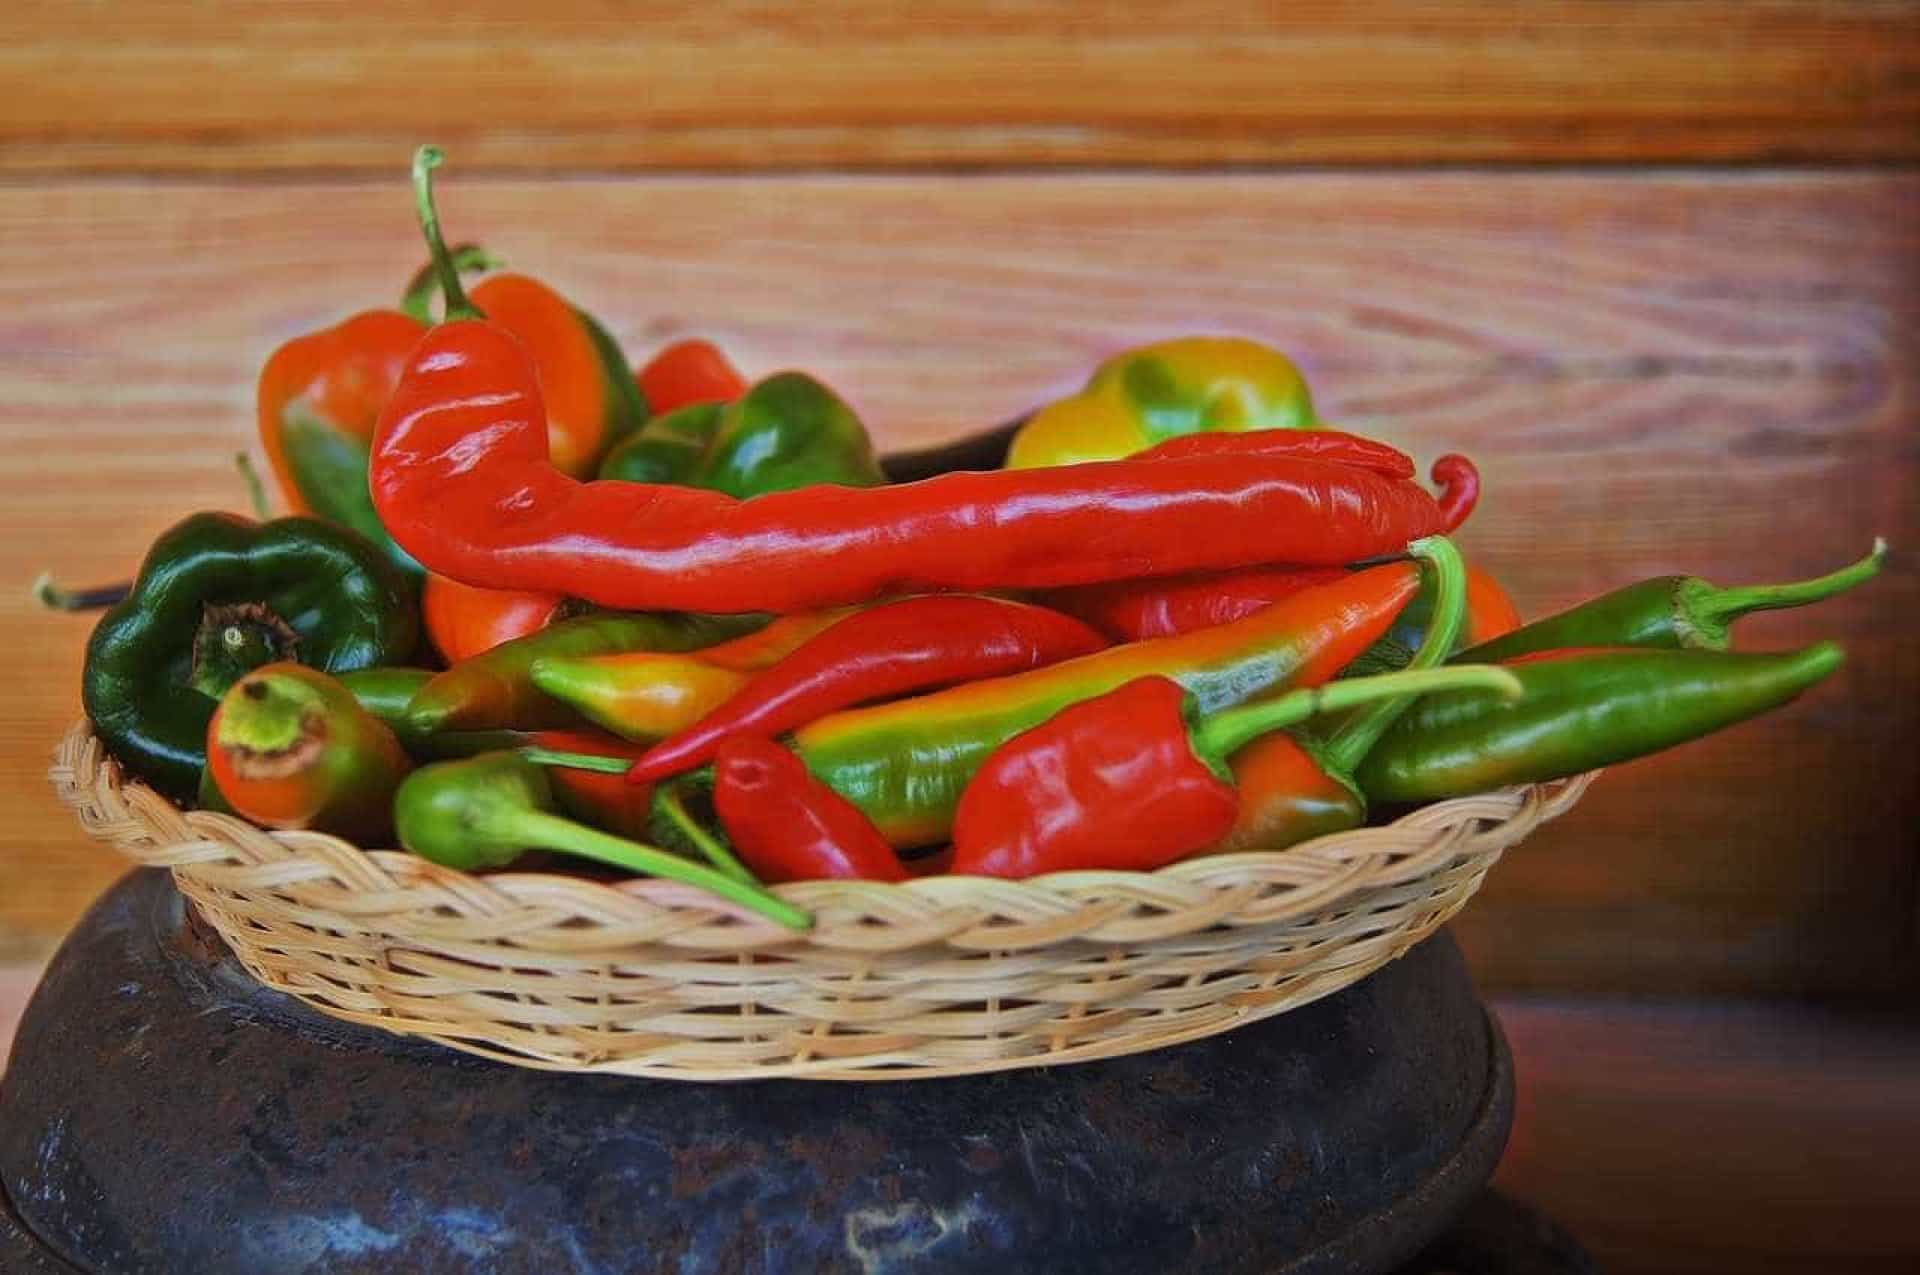 Os melhores alimentos para aumentar a 'chama'